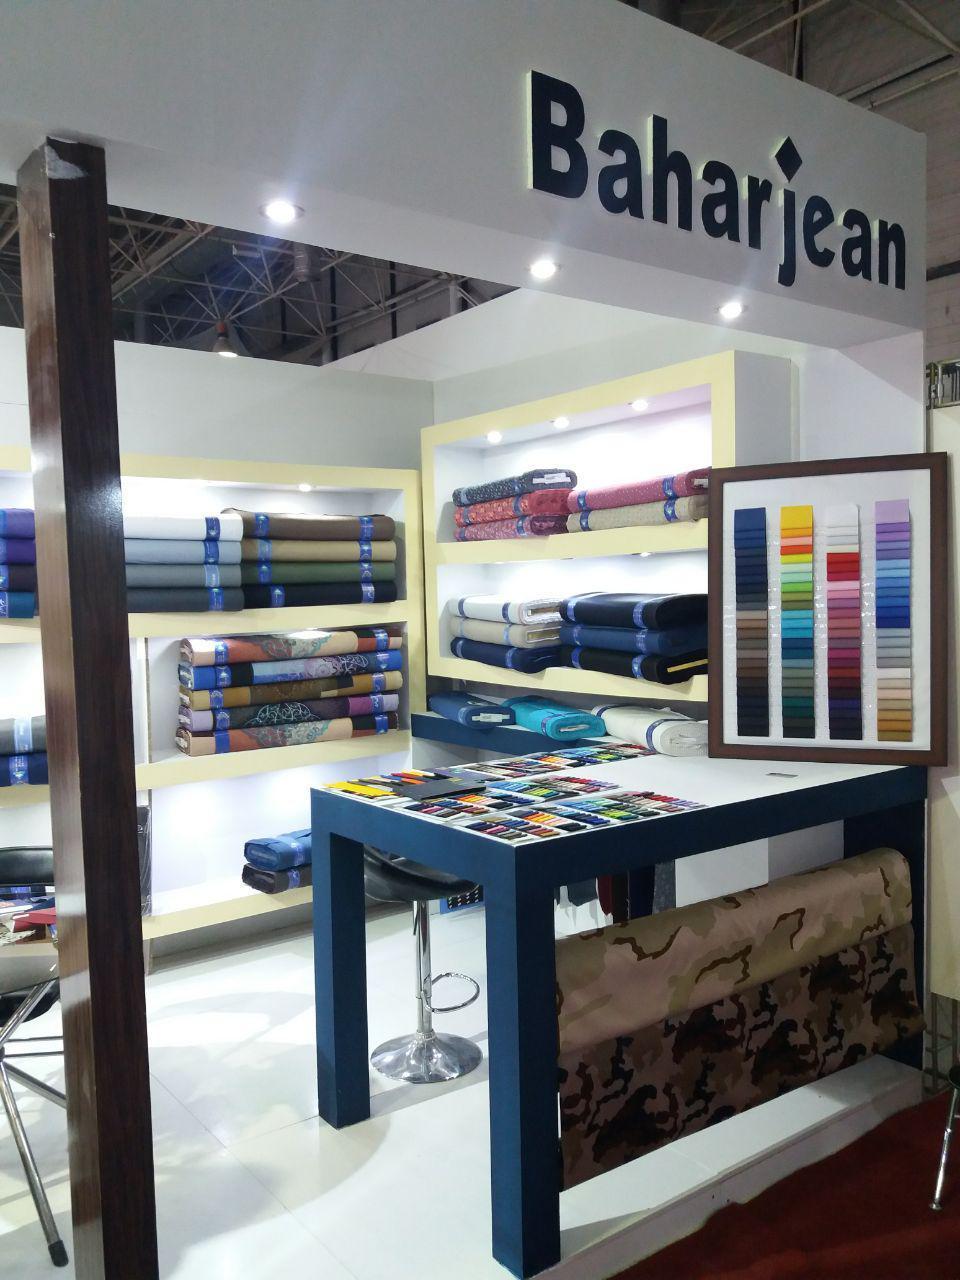 طراحی،ساخت و اجرای غرفه بهارجین اصفهان